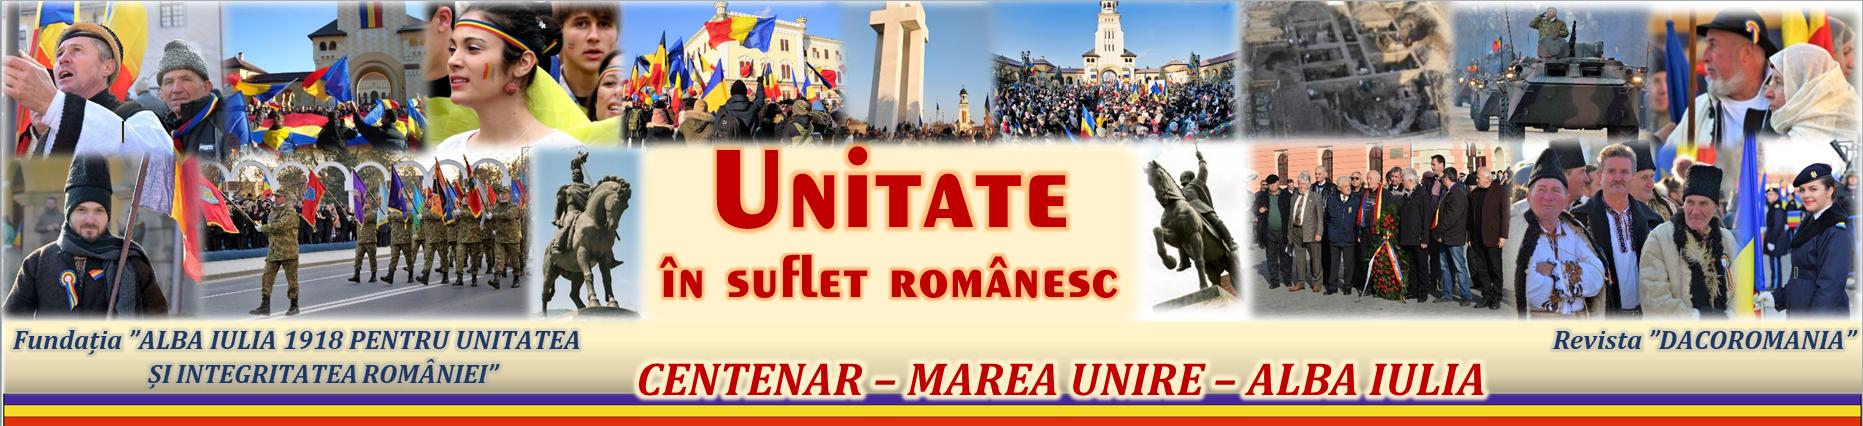 Unitate în suflet românesc